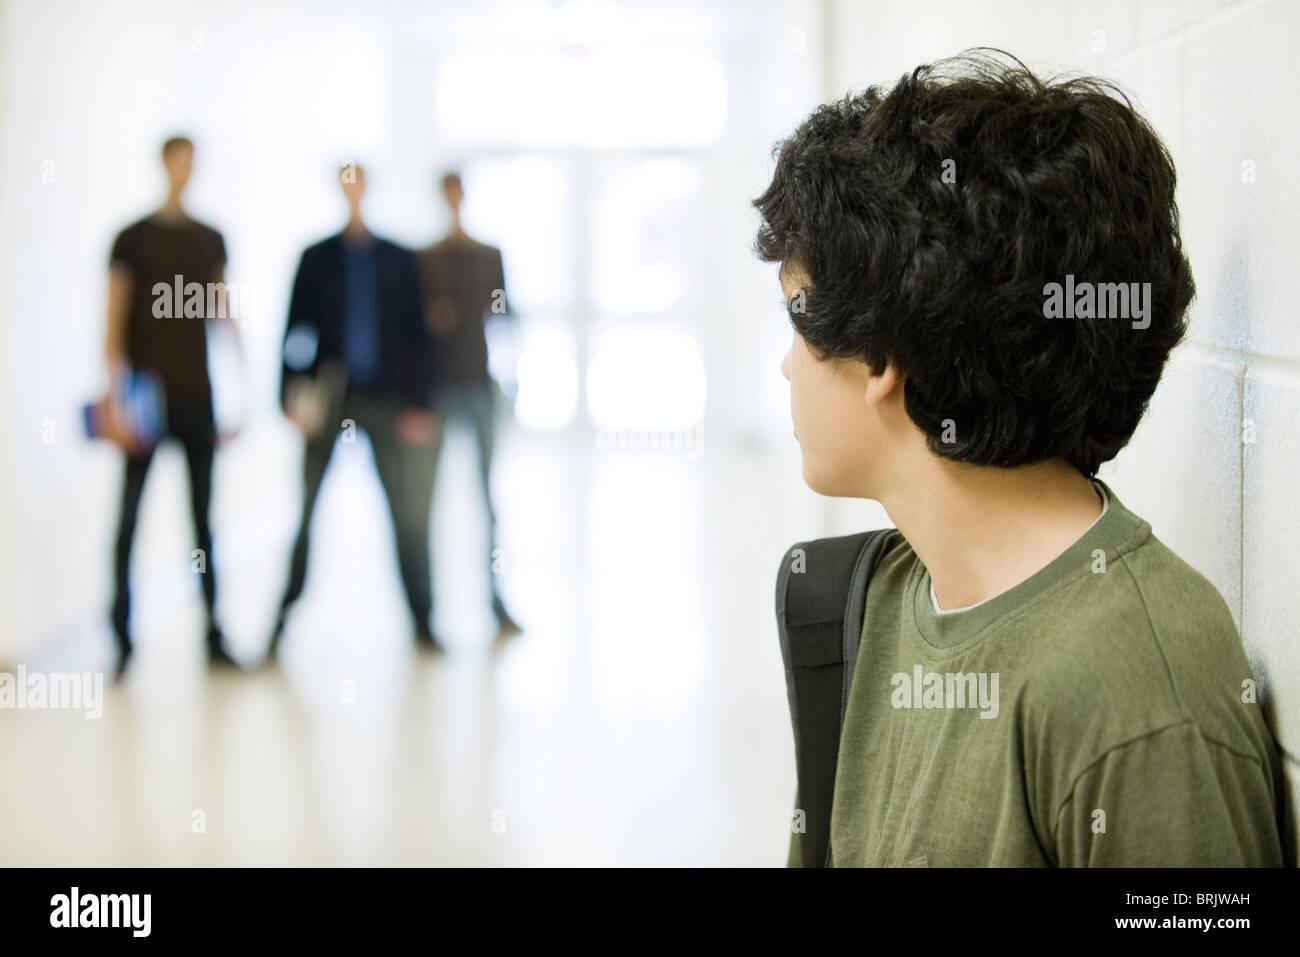 Ragazzo adolescente guardando sopra la spalla al Bulli in background Immagini Stock